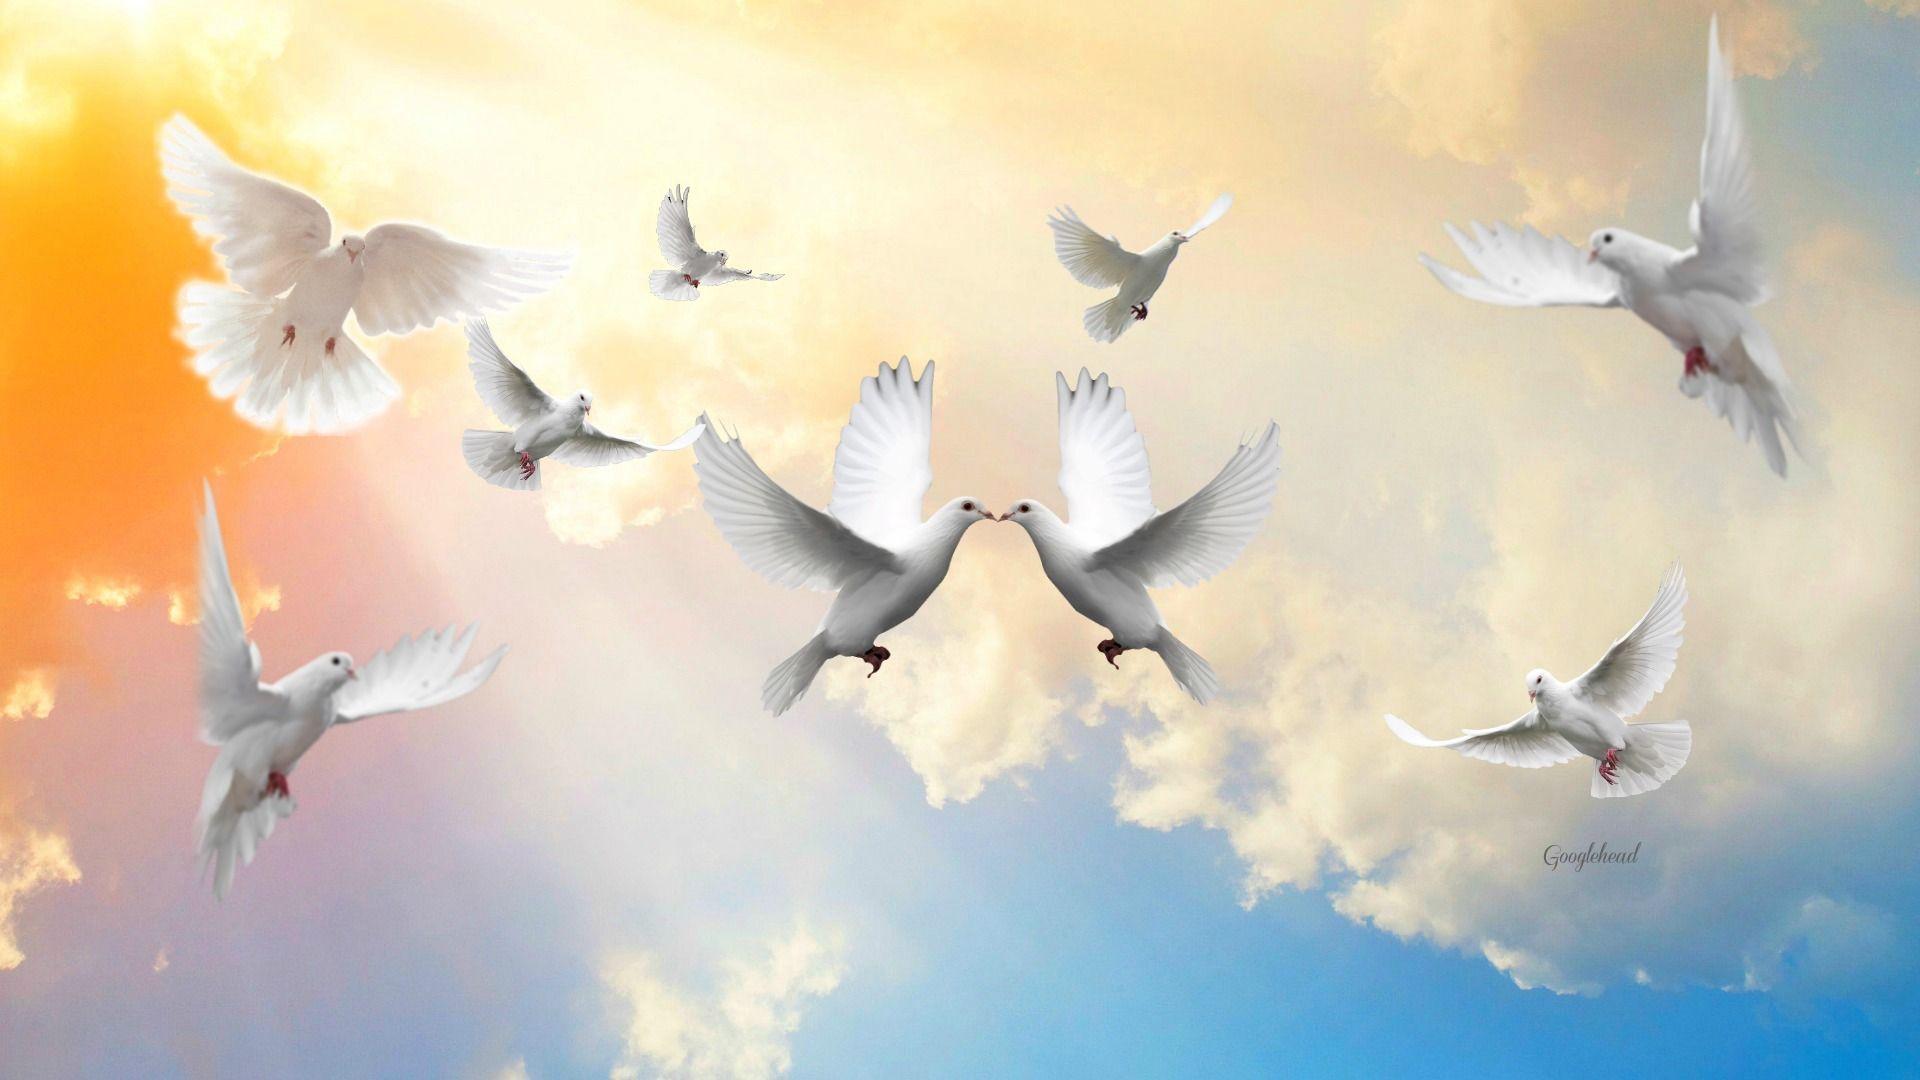 Картинка небо с голубями для детей